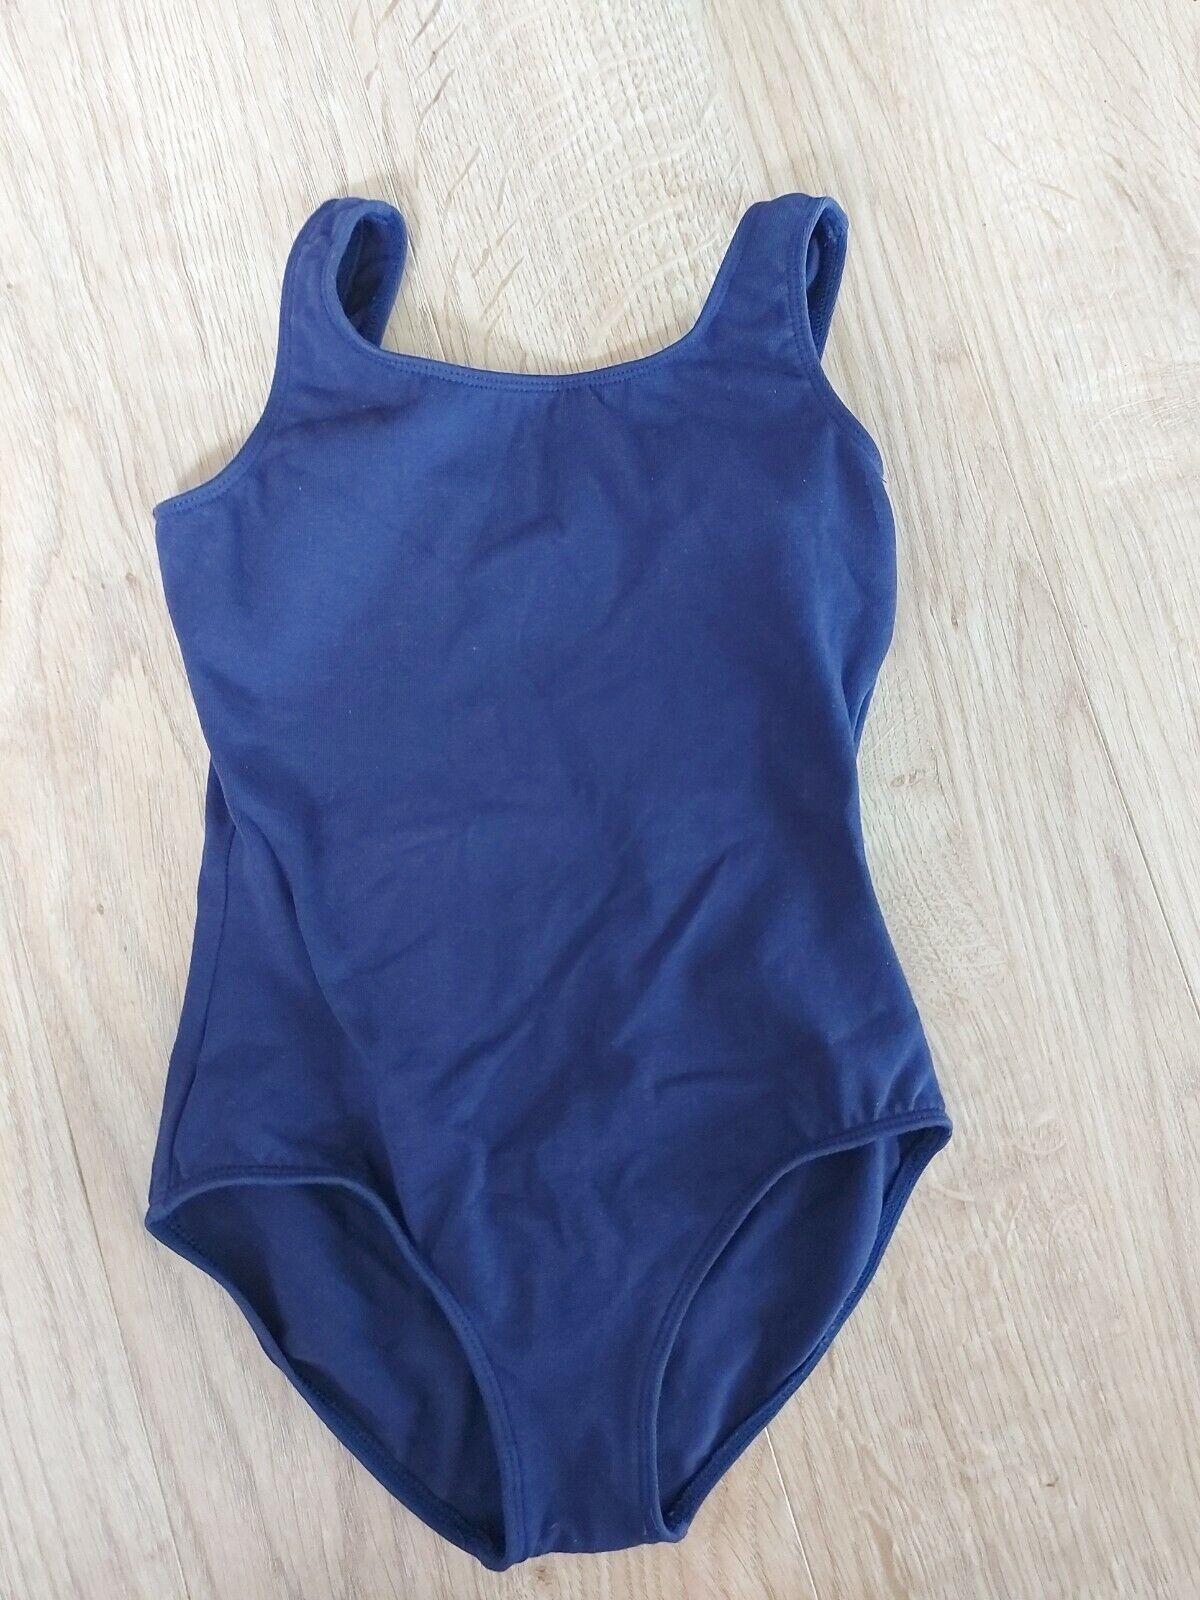 Bloch leotard dance ballet jazz practice navy blue size 6x/7